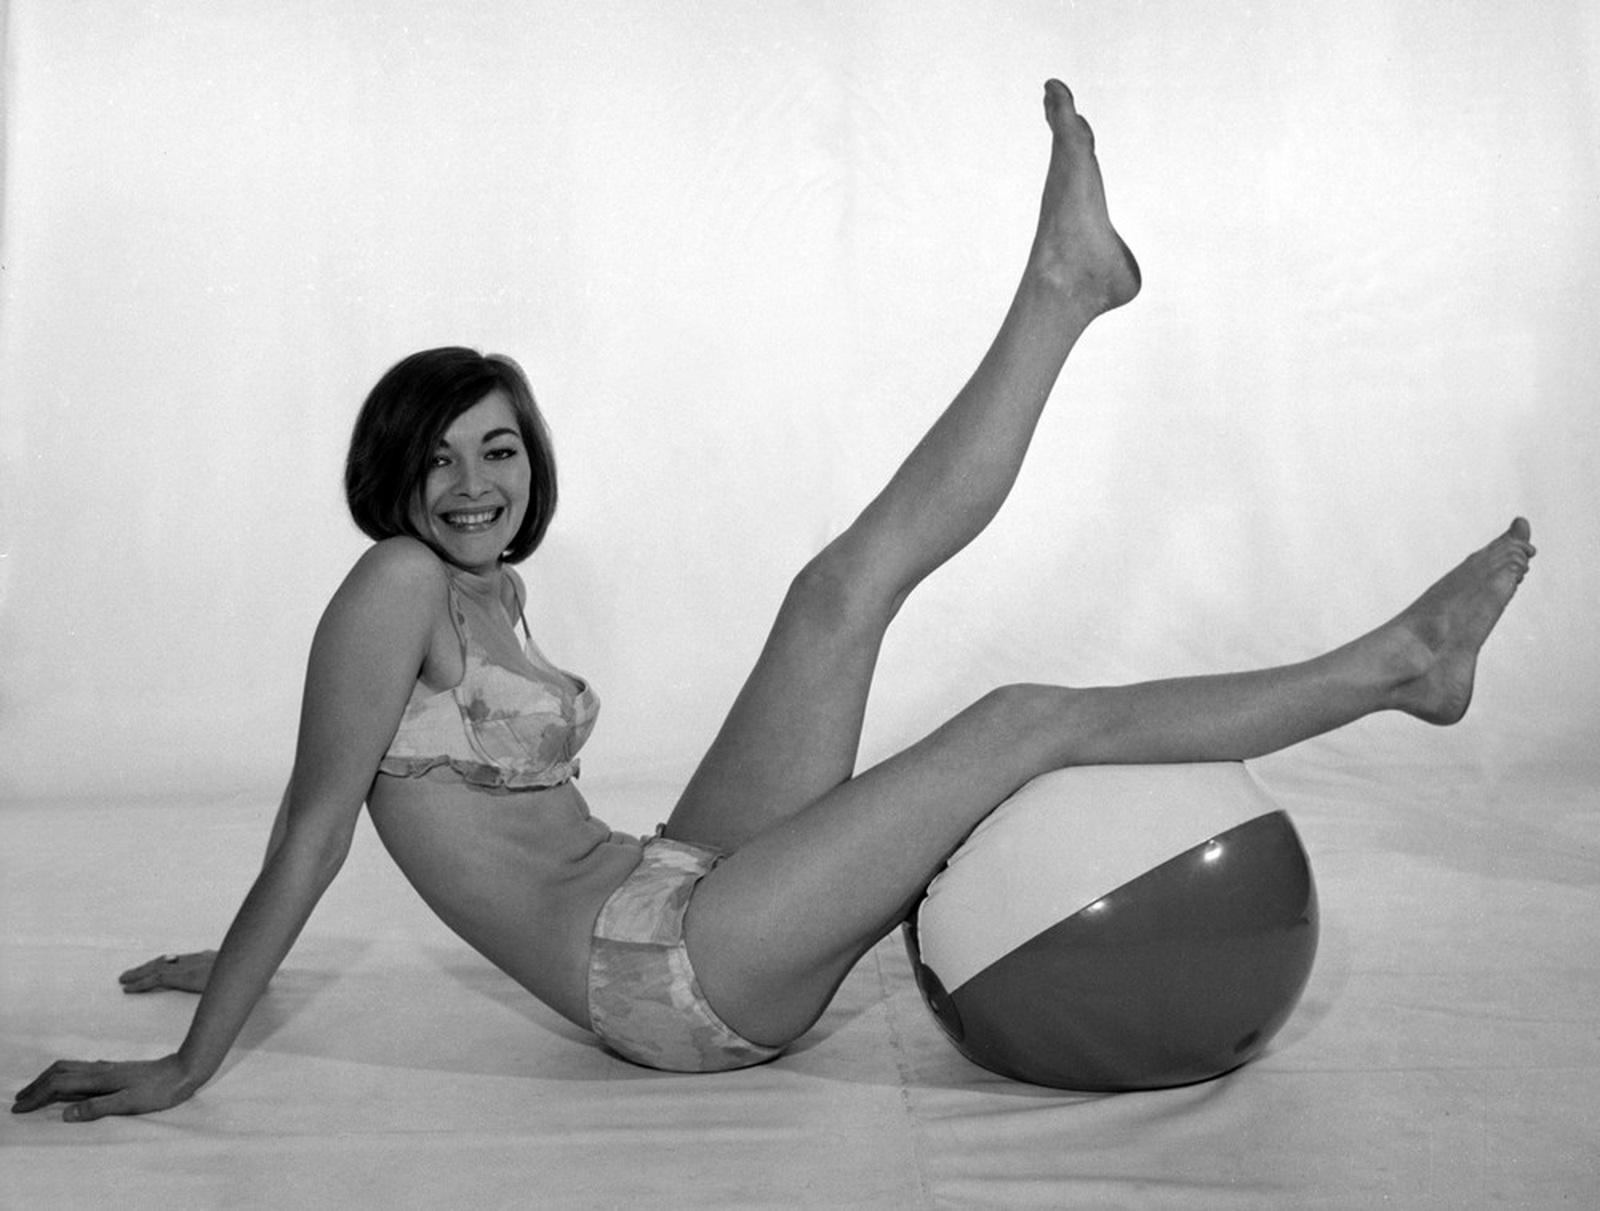 порно фото советских актрис фотошоп